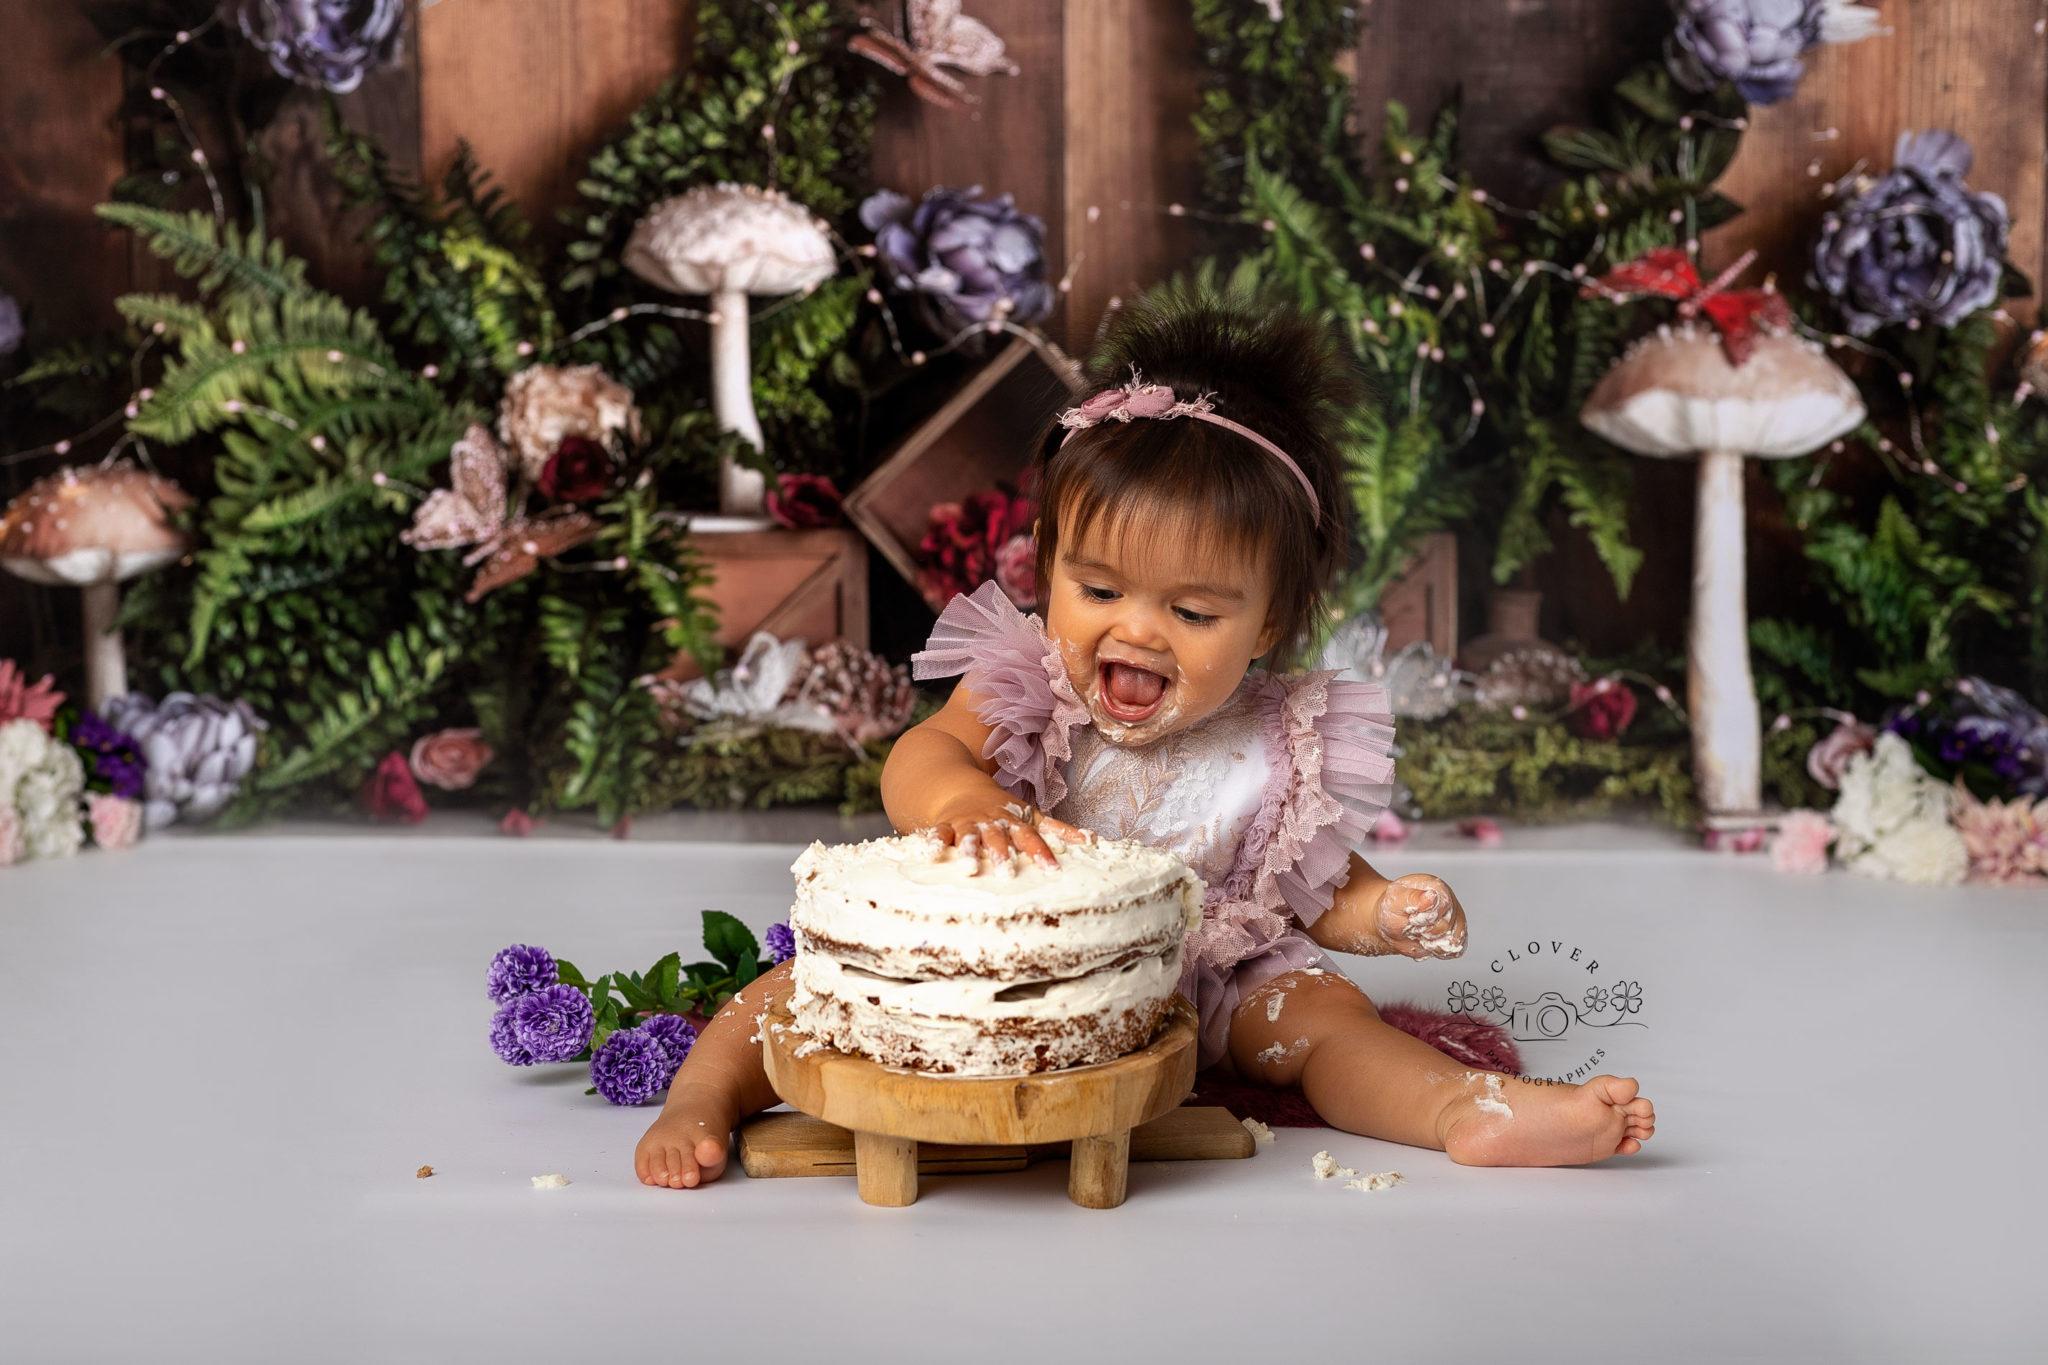 séance photo bébé anniversaire - smash the cake strasbourg - clover photographies